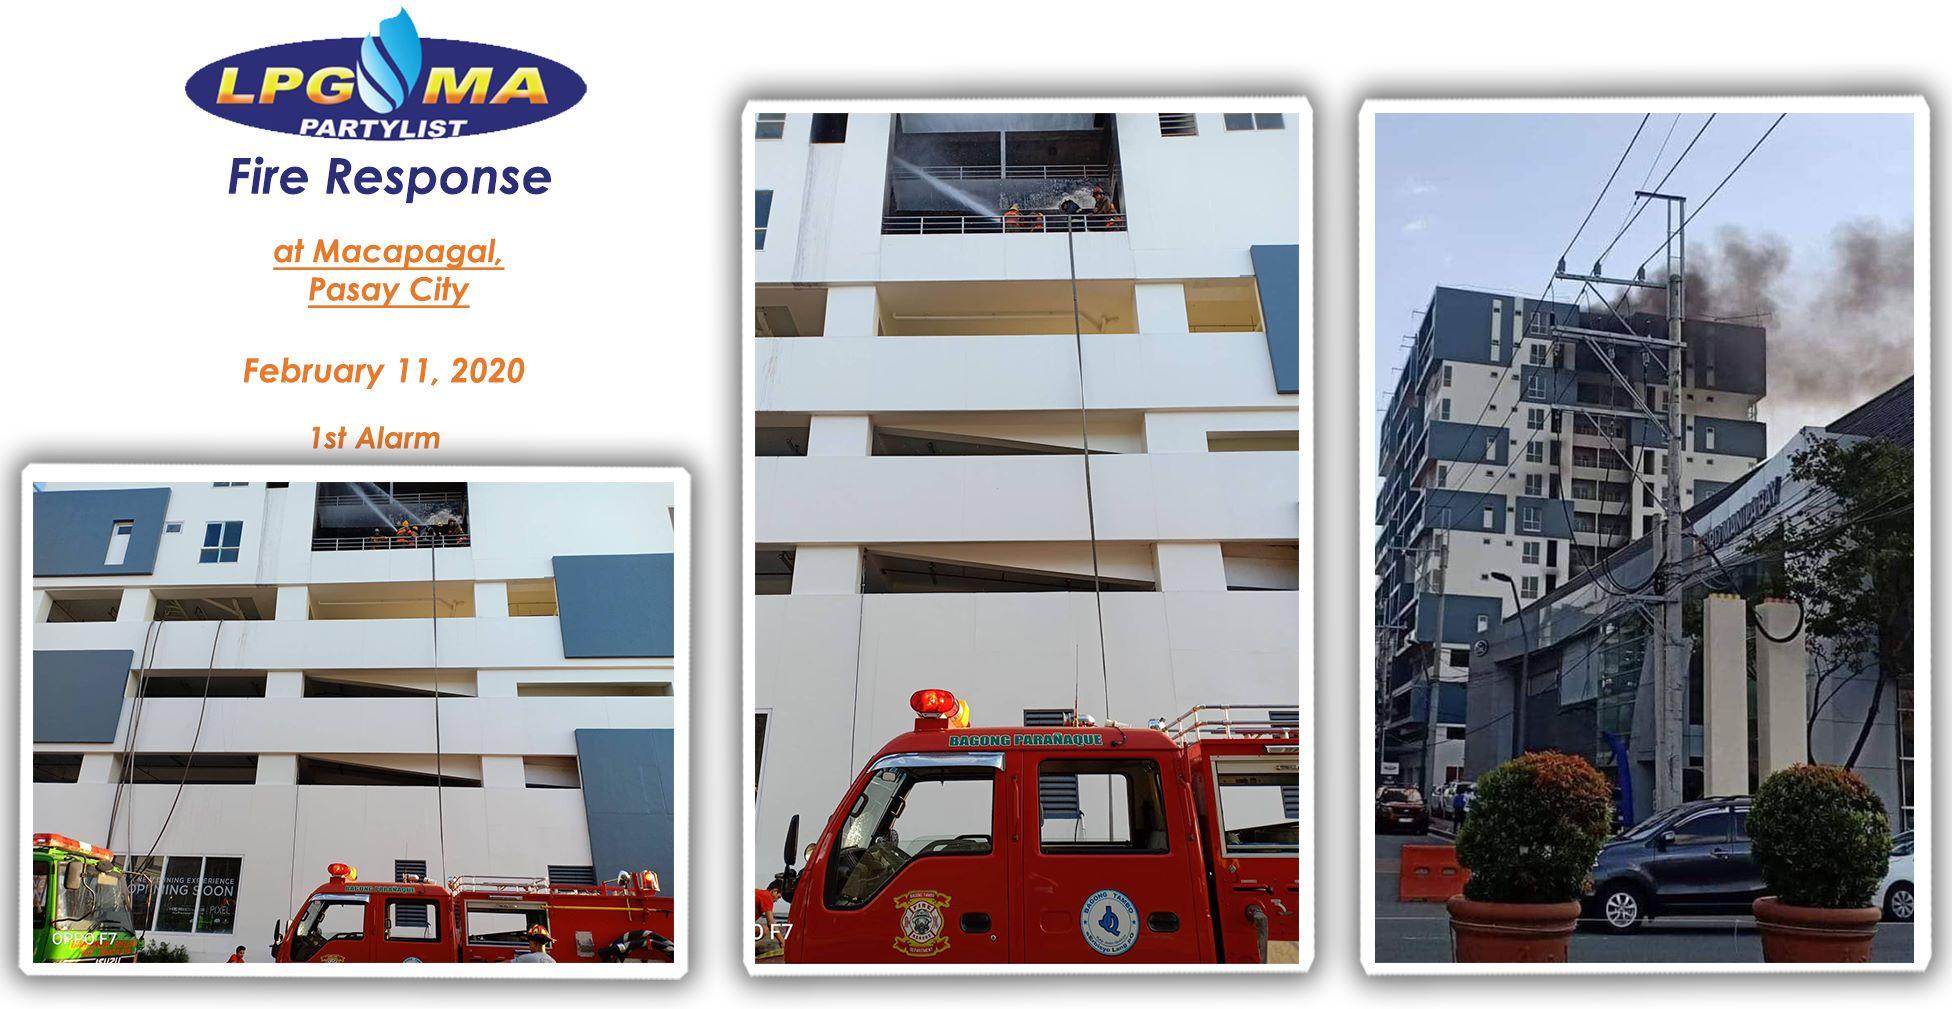 lpgma-fire-response-Pasay